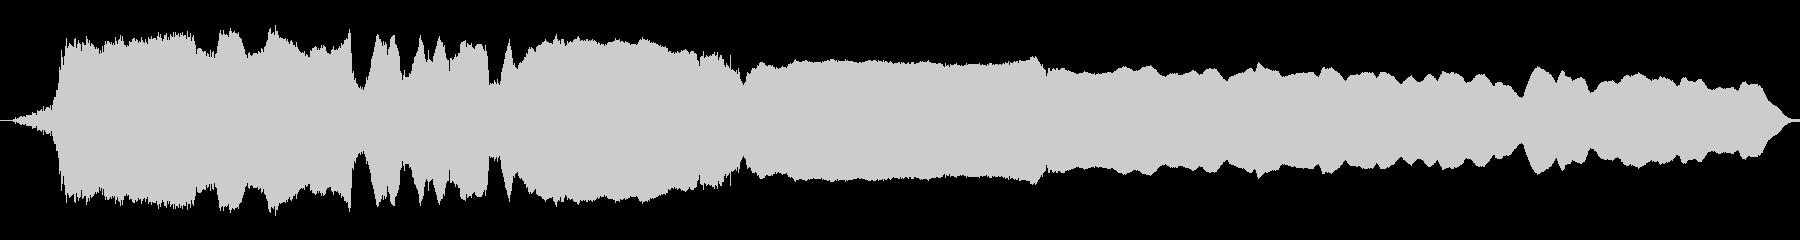 こぶし03(A#)の未再生の波形